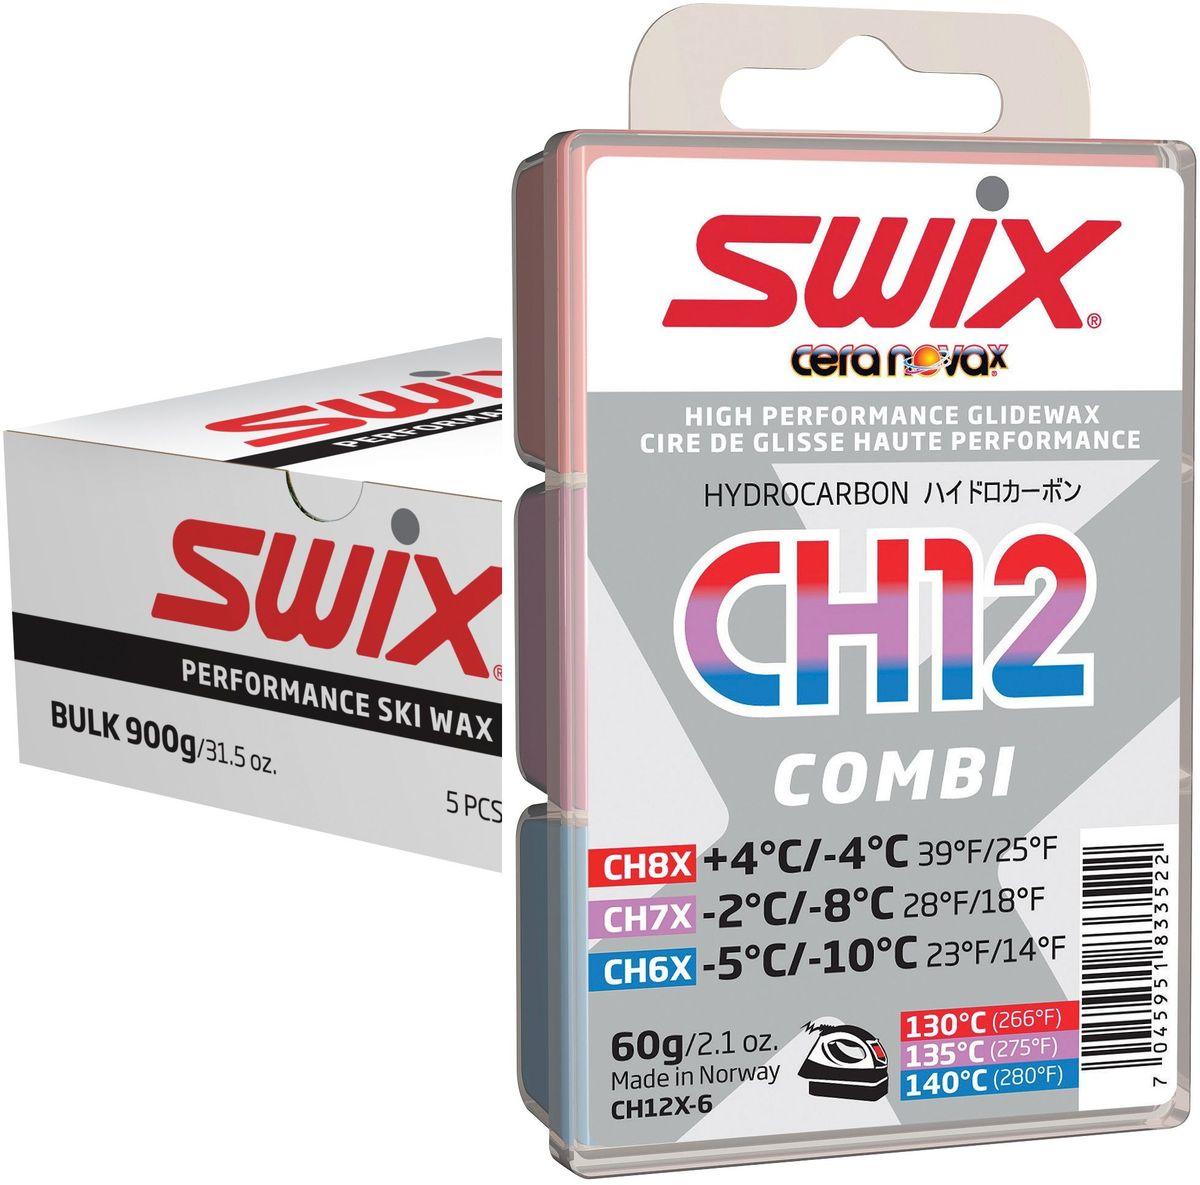 Набор мазей скольжения Swix CH12X Combi Nordic: CH4X, CH6X, CH7X, CH8X, CH10X, по 180 гKarjala Comfort NNNСодержит: 2 x 180 г CHX5, 1 x 180 гCHX6, CHX7 и CHX8.CH05X-6Температурный диапазон от -8°C до-14°С.Рекомендуемая температура утюга 150°С.Серия 5 является новой в линии Cera Nova X, и заполняет разрыв по твердости между 4-й и 6-й категориями мазей. Легче наносится, чем мази 4й серии, и обеспечивает прекрасные свойства скольжения в пределах своего темпера турного диапазона. Обладает высокой износоустойчивостью. Может использоваться самостоятельно в качестве гоночной мази, но чаще всего служит базовым слоем под порошок FC05X.CH06X-6Температурный диапазон от -5°C до-10°С.Рекомендуемая температура утюга 145°С.Стандартная мазь CH6 была успешной в старой системе Cera Nova, и продолжила свое существование в мази CH06X новой системы. Бюджетная мазь для гонок и тренировок с прекрасными рабочими характеристиками. Также может использоваться в качестве мази для базовой подготовки холодных лыж. CH06X имеет высокую износоустойчивость и показывает прекрасные рабочие характеристики на искусственному снегу и в условиях ледника.CH07X-6Температурный диапазон от -2°C до -8°С.Рекомендуемая температура утюга 140°С.Новая и улучшенная мазь, универсальная, подходит для нормальных зимних кондиций ниже точки замерзания. Твердая концистенция этой мази делает ее удобной в работе по нанесению на скользящую поверхность для того, чтобы получить хороший конечный результат. Бюджетная мазь для гонок и тренировок с прекрасными рабочими характеристиками. Также может использоваться в качестве универсальной мази для базовой подготовки.CH08X-6Температурный диапазон от +4°C до-4°С.Рекомендуемая температура утюга 130°С.Продолжение стандартной мази CH8. Бюджетная мазь для гонок и тренировок с прекрасными рабочими характеристиками. Также может использоваться в качестве мази для базовой подготовки теплых лыж. отличная мазь как для базовой подготовки лыж, так и для тренировок. Легко плавится и удобна в работ